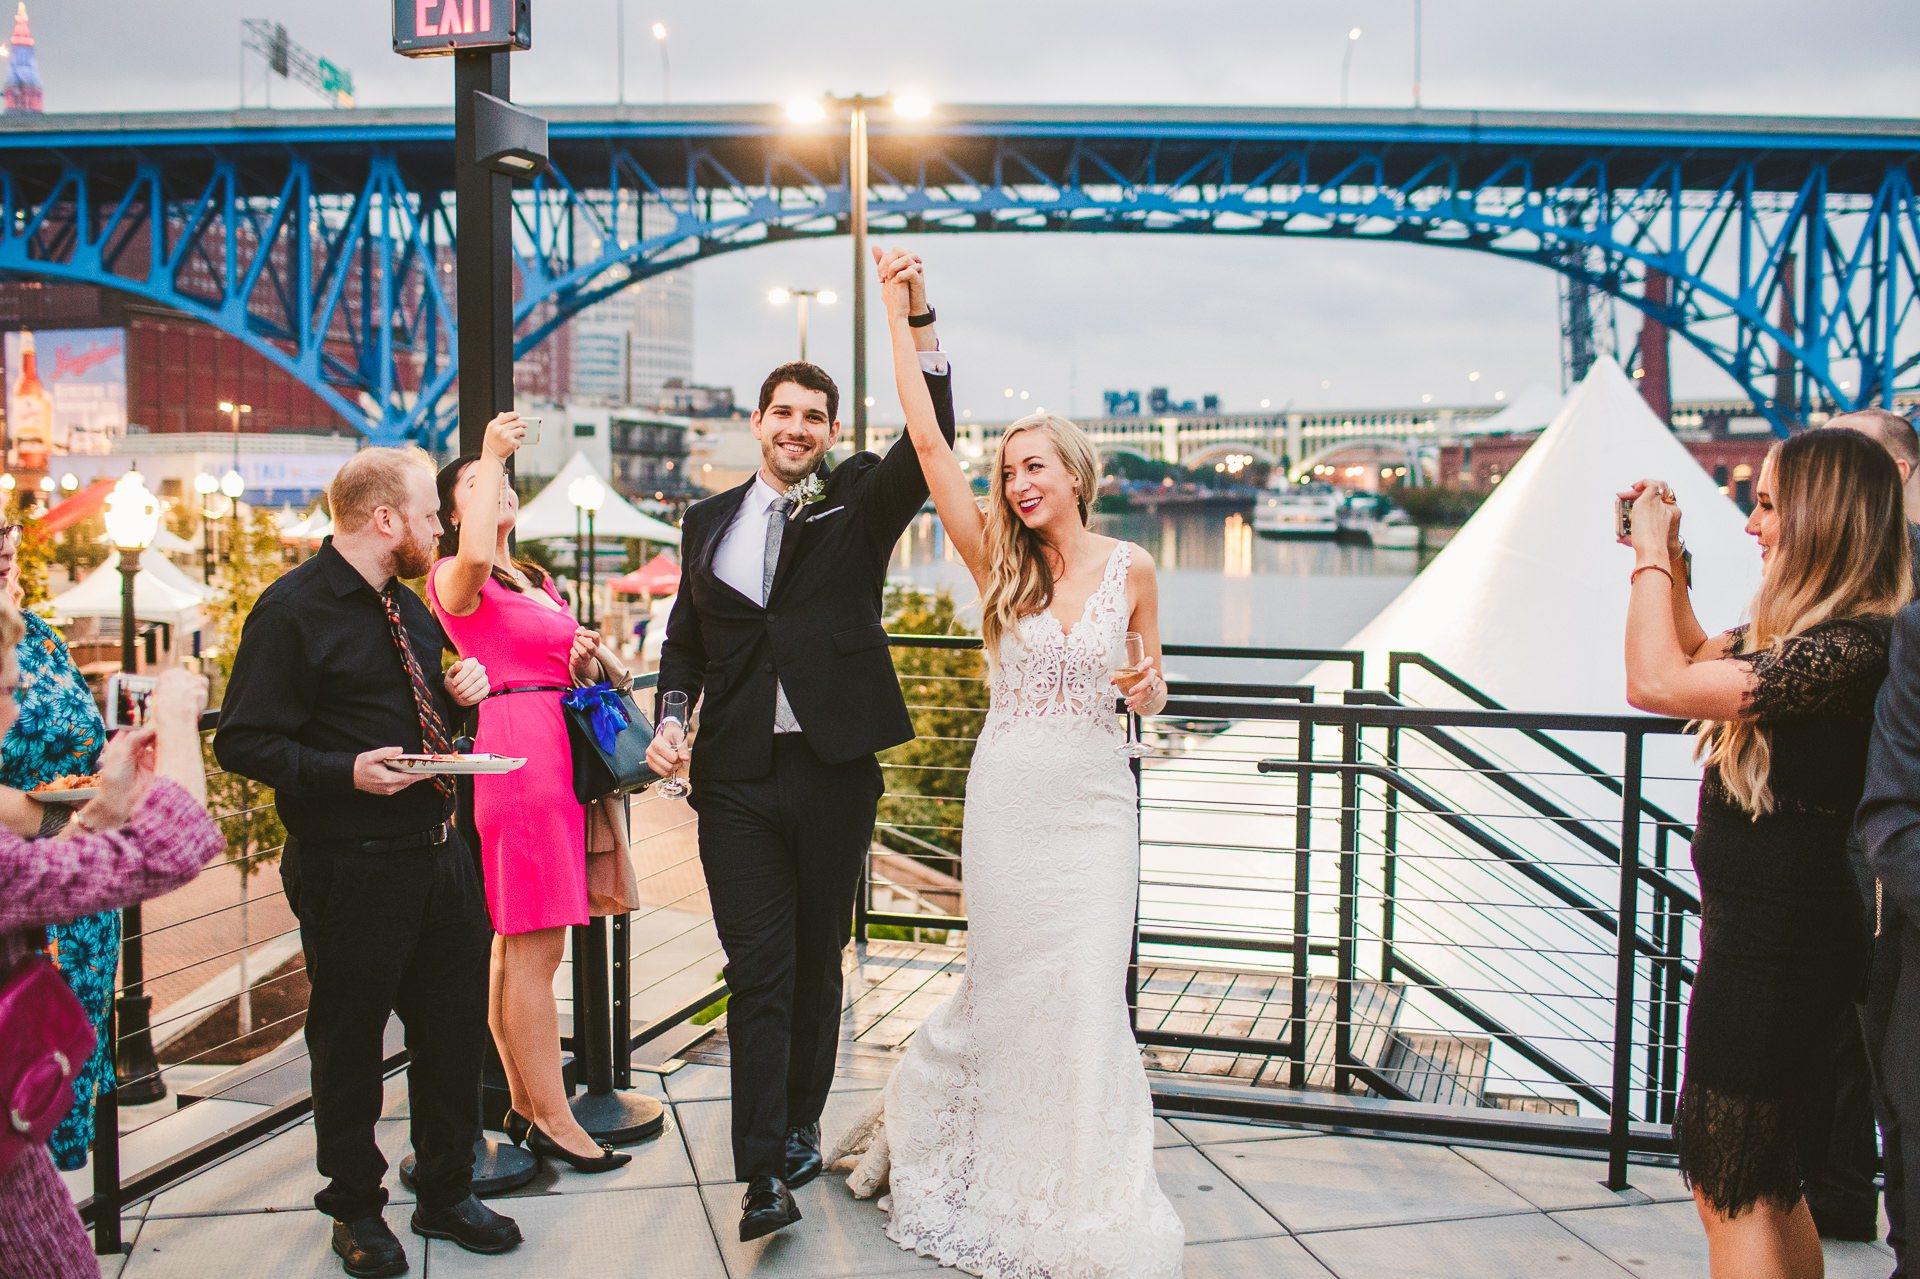 Aloft Hotel Alley Cat Oyster Bar Wedding in Cleveland 55.jpg